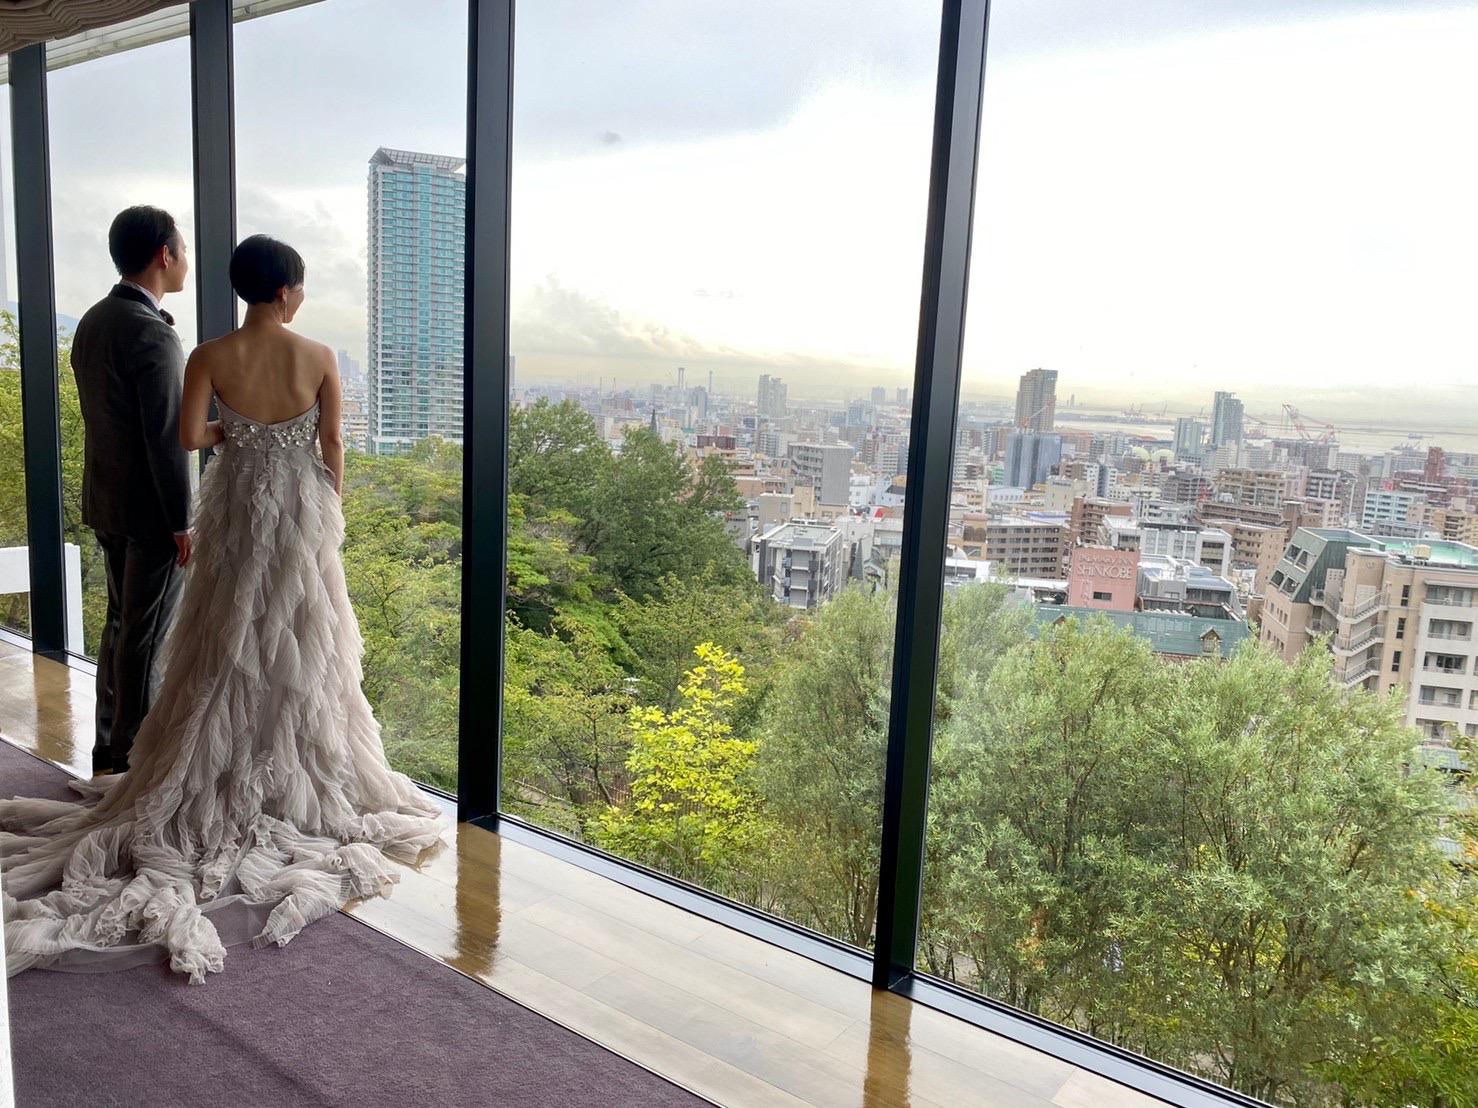 ザ・トリート・ドレッシング神戸店が提携する北野クラブ・ソラの神戸の街並みが一望できるミラージュ・ヴィラにおすすめのトリート・メゾンのカラードレスのご紹介